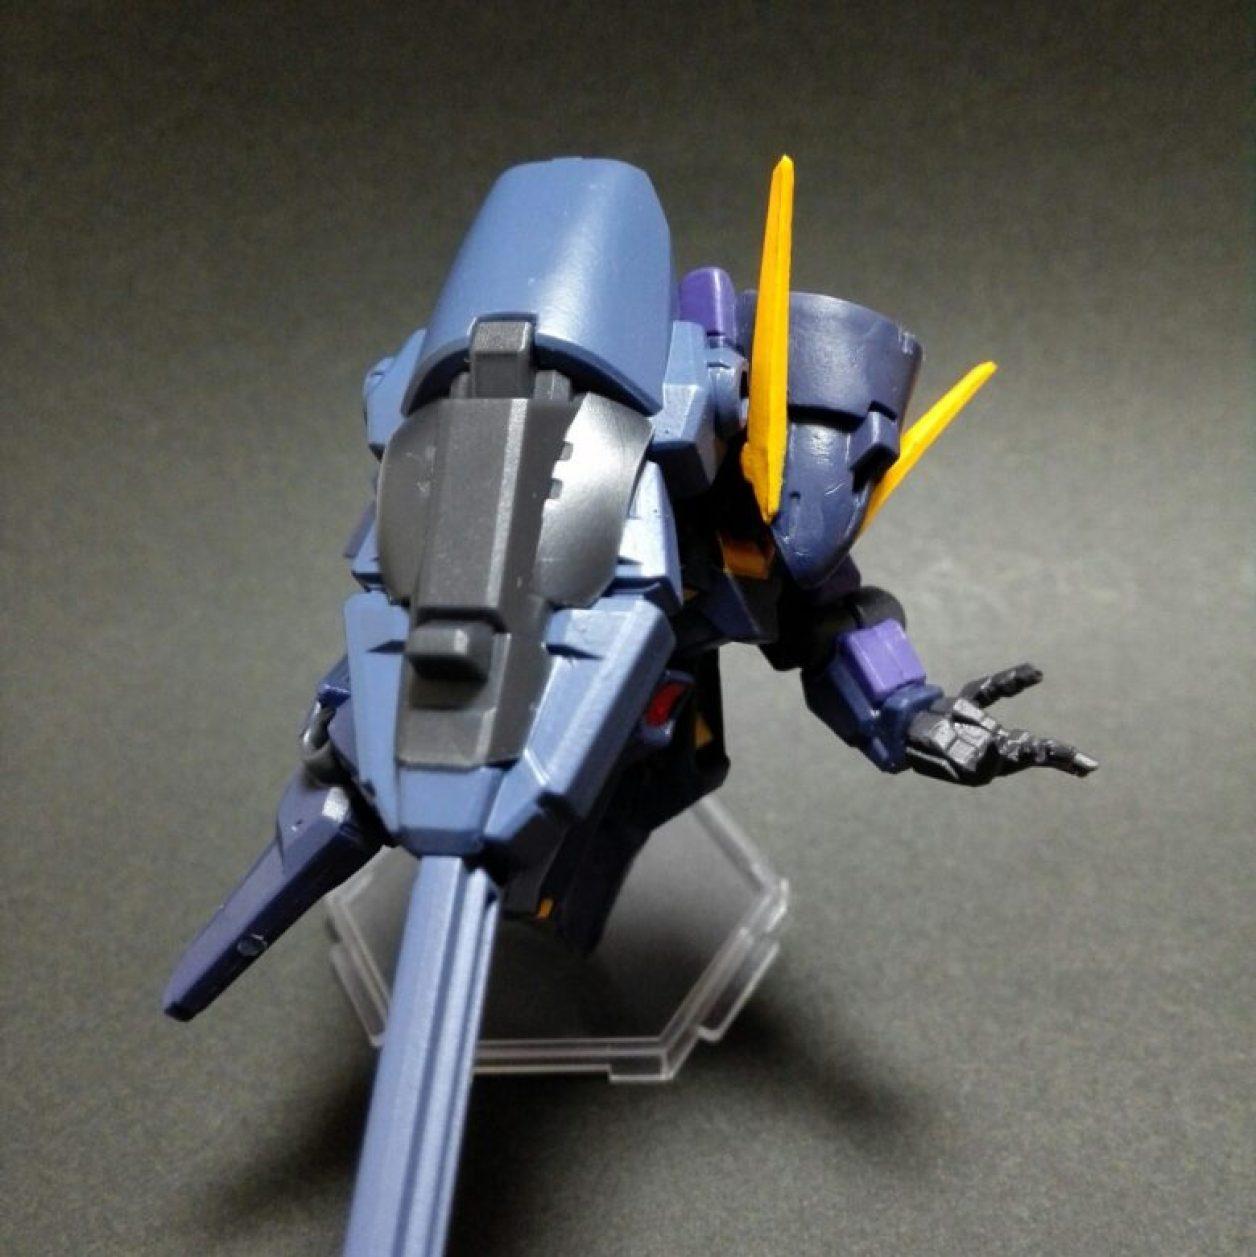 mobile suit ensemble(モビルスーツアンサンブル)4.5弾ウーンドウォート(ティターンズカラー)にコンポジット・シールド・ブースターを装備させてコトブキヤのミニフライングベースでディスプレイしている状態の画像